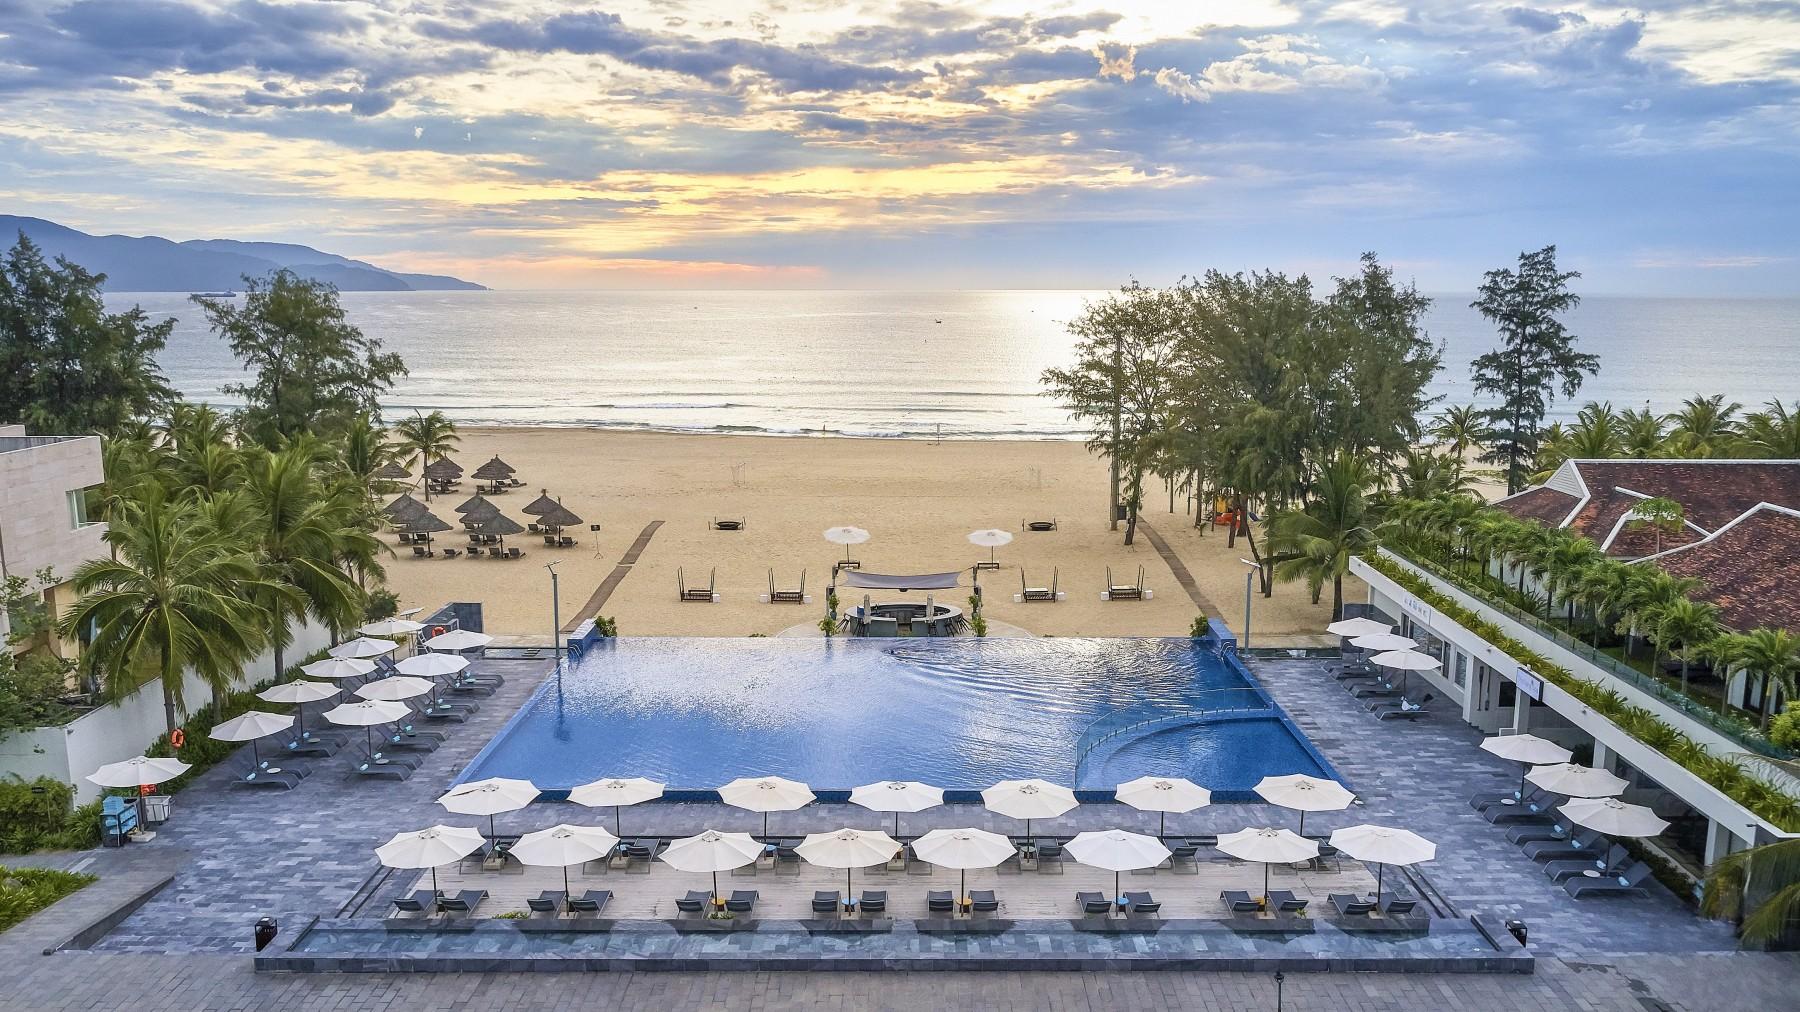 The One Beach Đà Nẵng - Viên ngọc thô được mài giũa 734371037